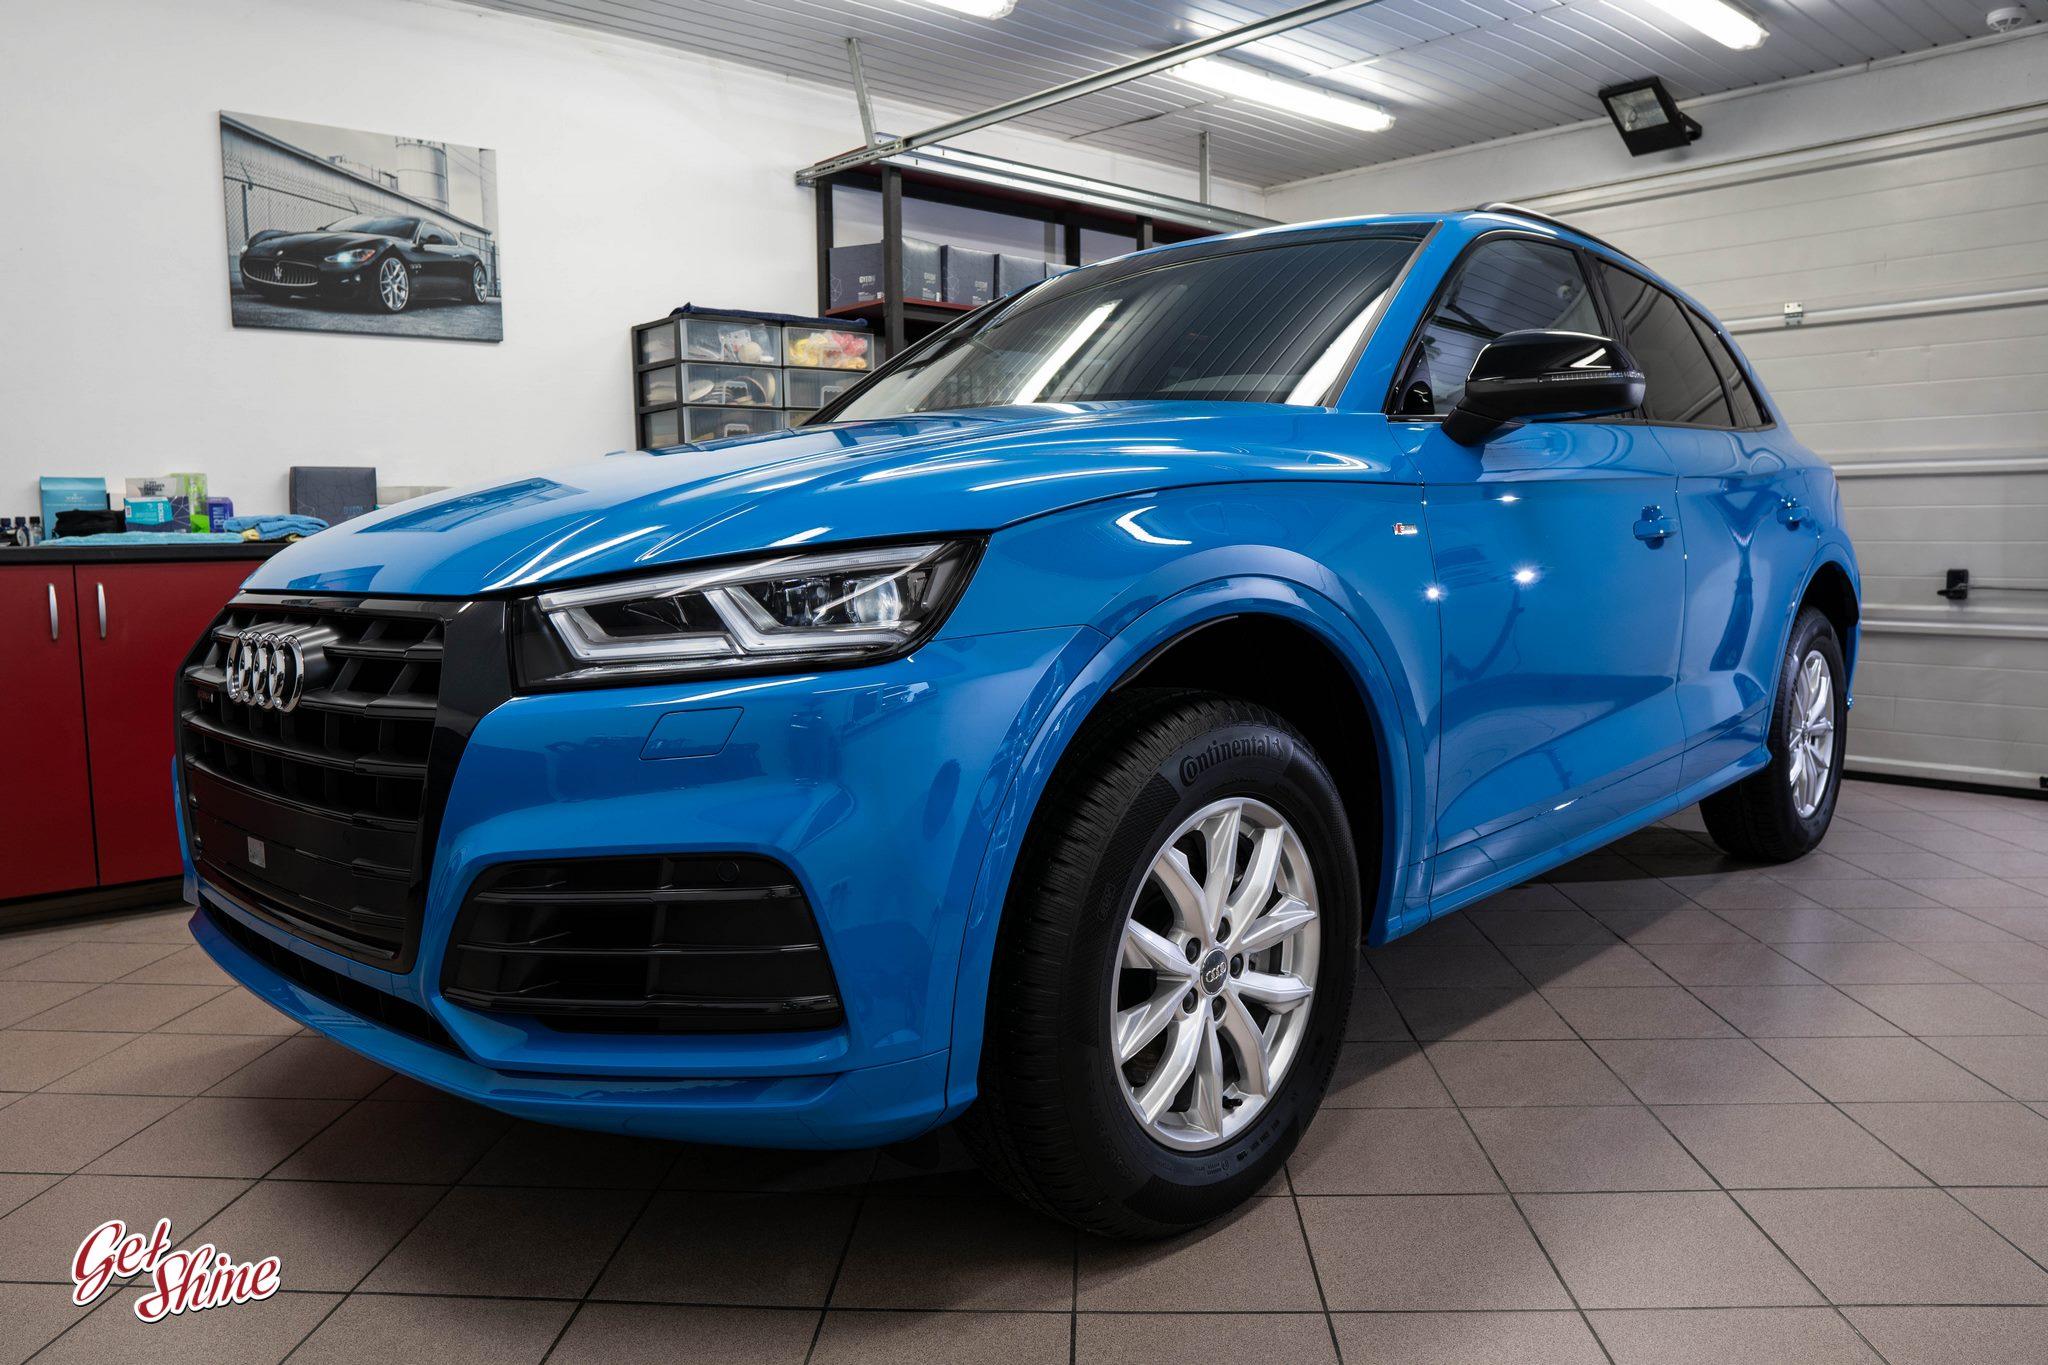 Audi Q5 – ochrona nowego auta, powłoka ceramiczna Gyeon Syncro